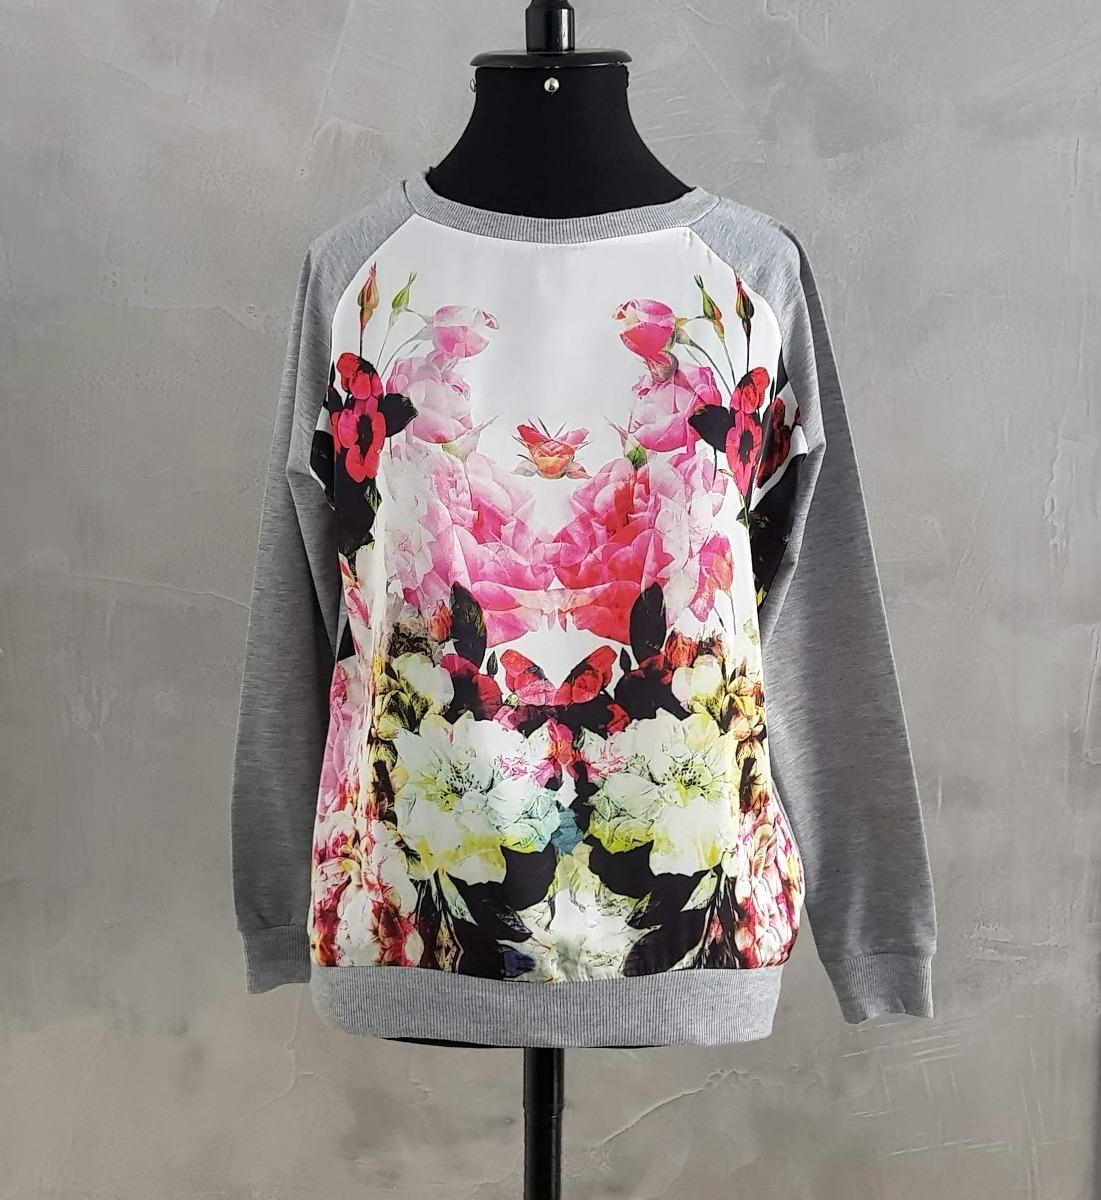 22dd5dd87 Blusa Moletom Cetim Floral Feminina - R$ 79,90 em Mercado Livre